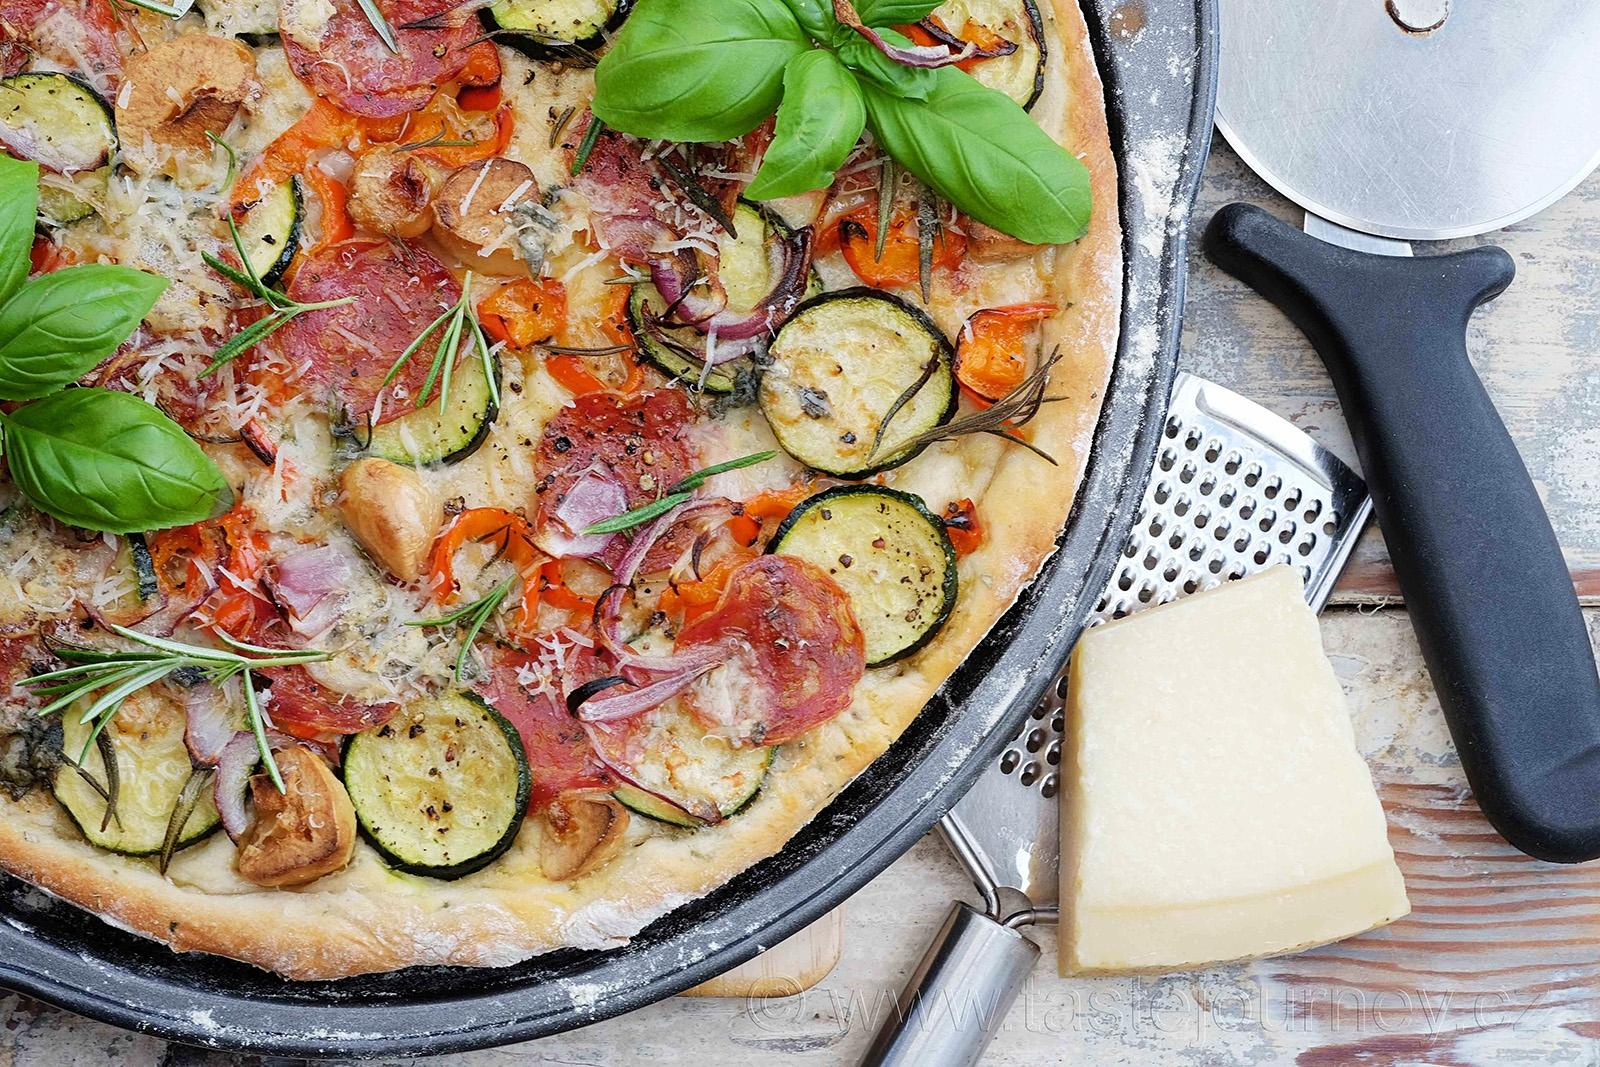 Nezbytný parmazán na posypání pizzy